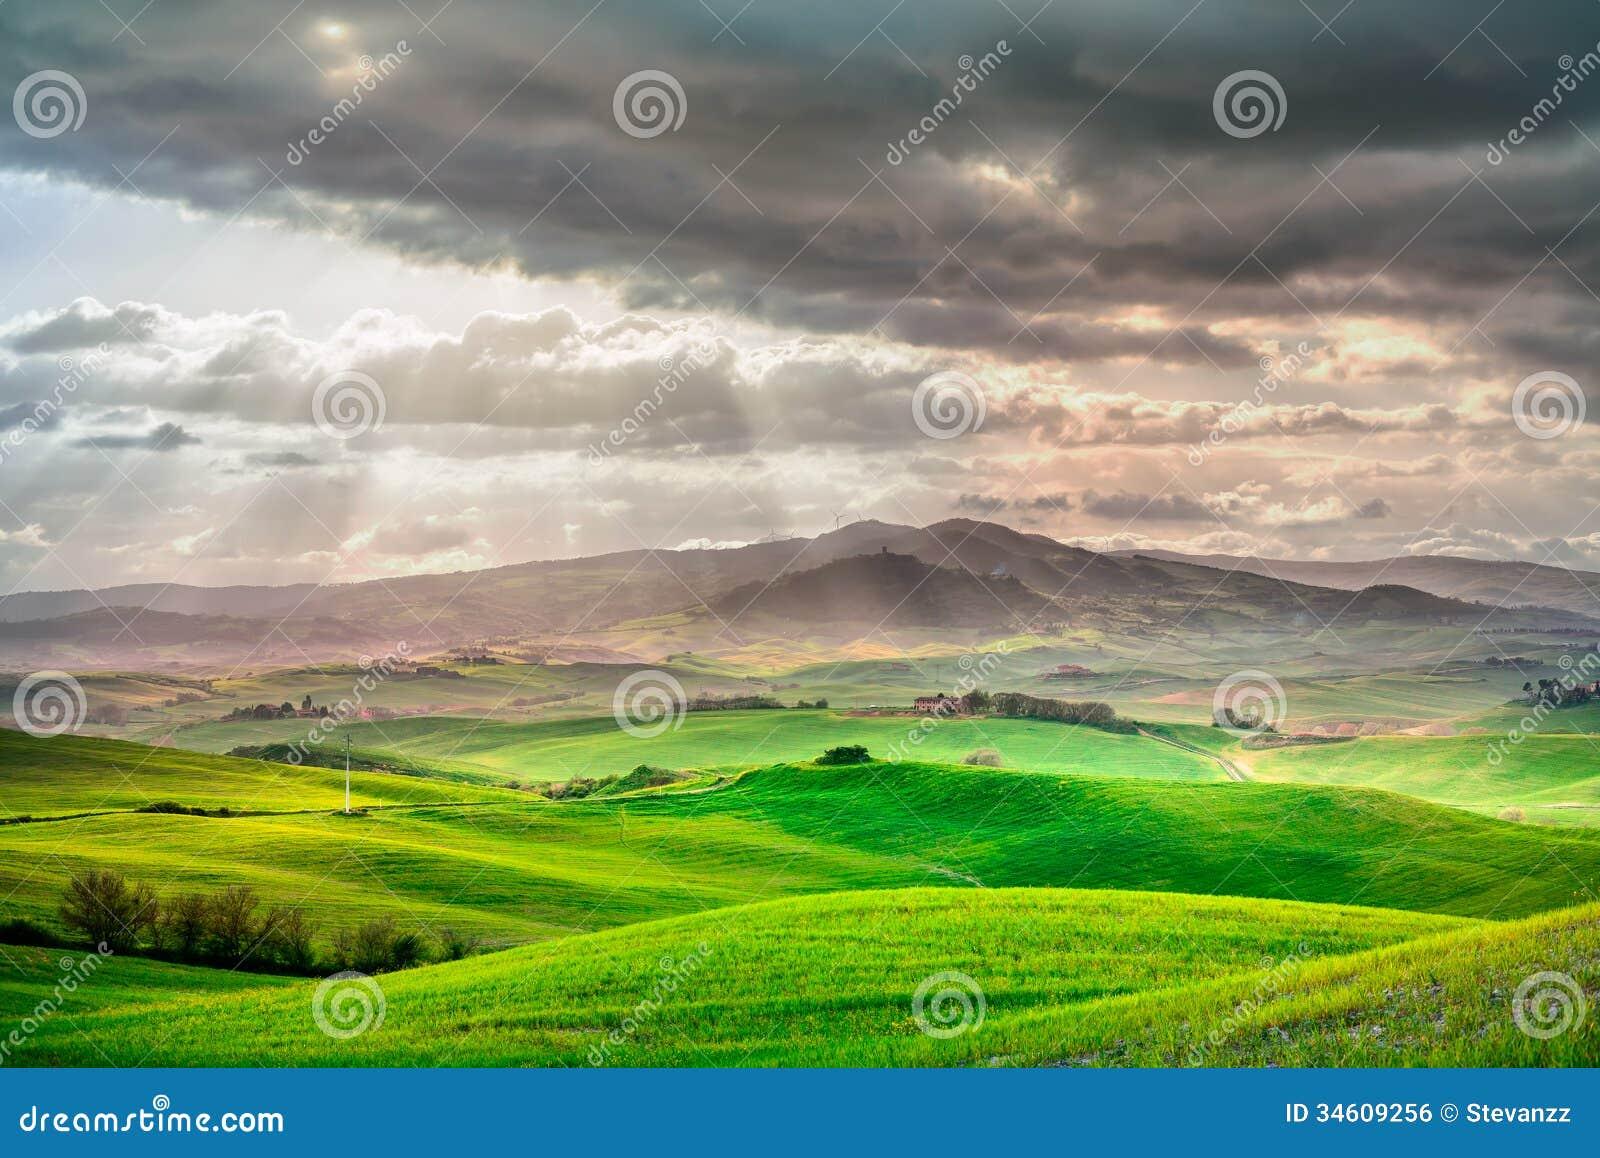 Toscanië, landelijk zonsonderganglandschap. Plattelandslandbouwbedrijf, witte weg en cipresbomen.